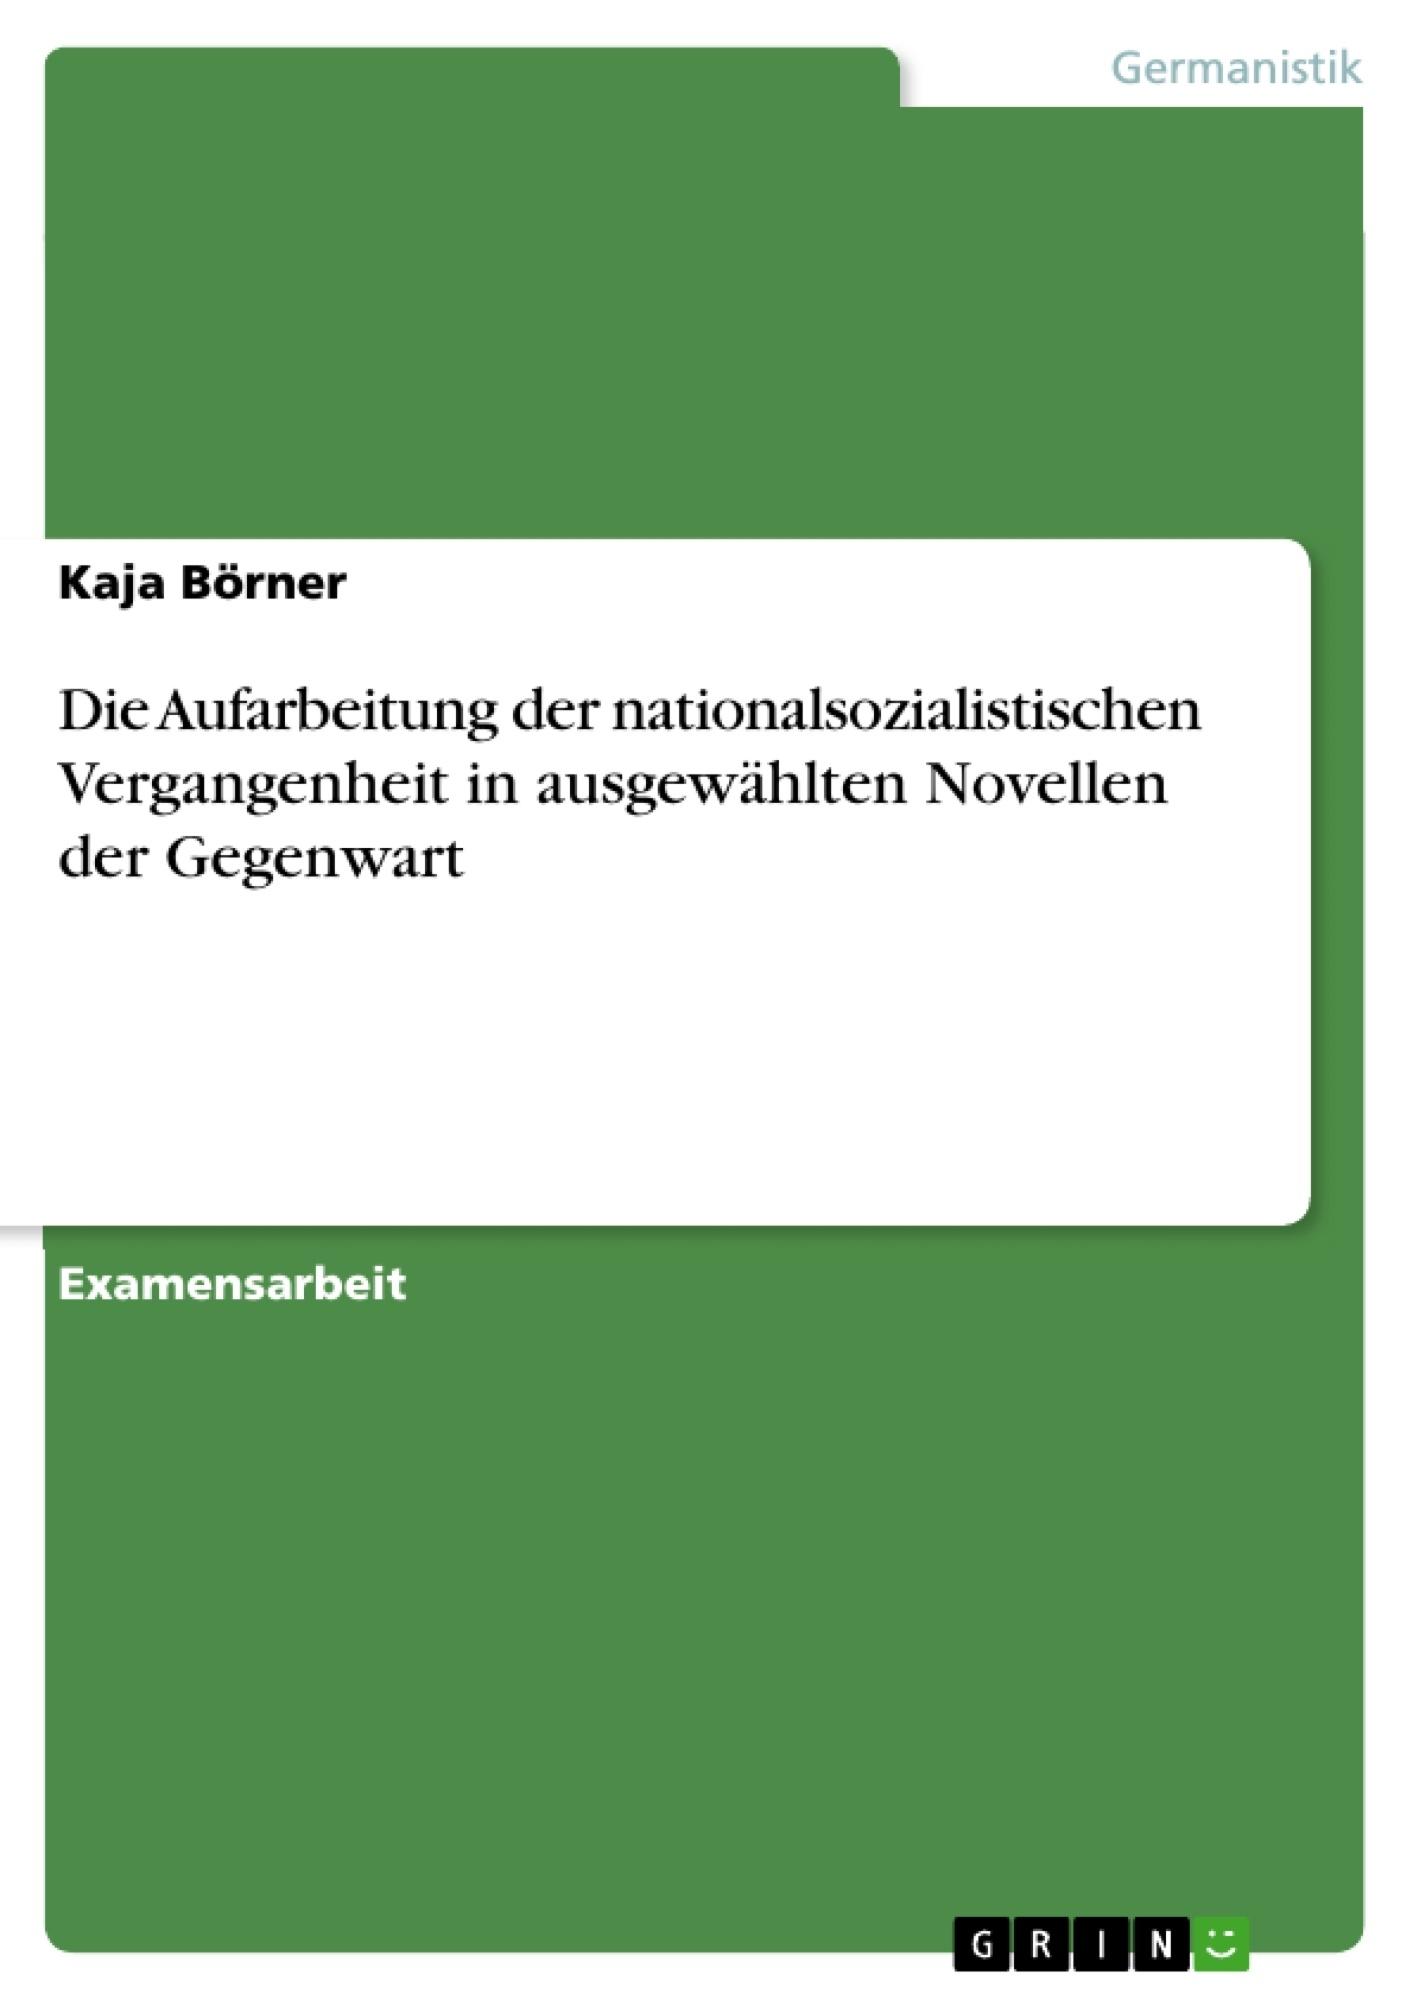 Titel: Die Aufarbeitung der nationalsozialistischen Vergangenheit in ausgewählten Novellen der Gegenwart